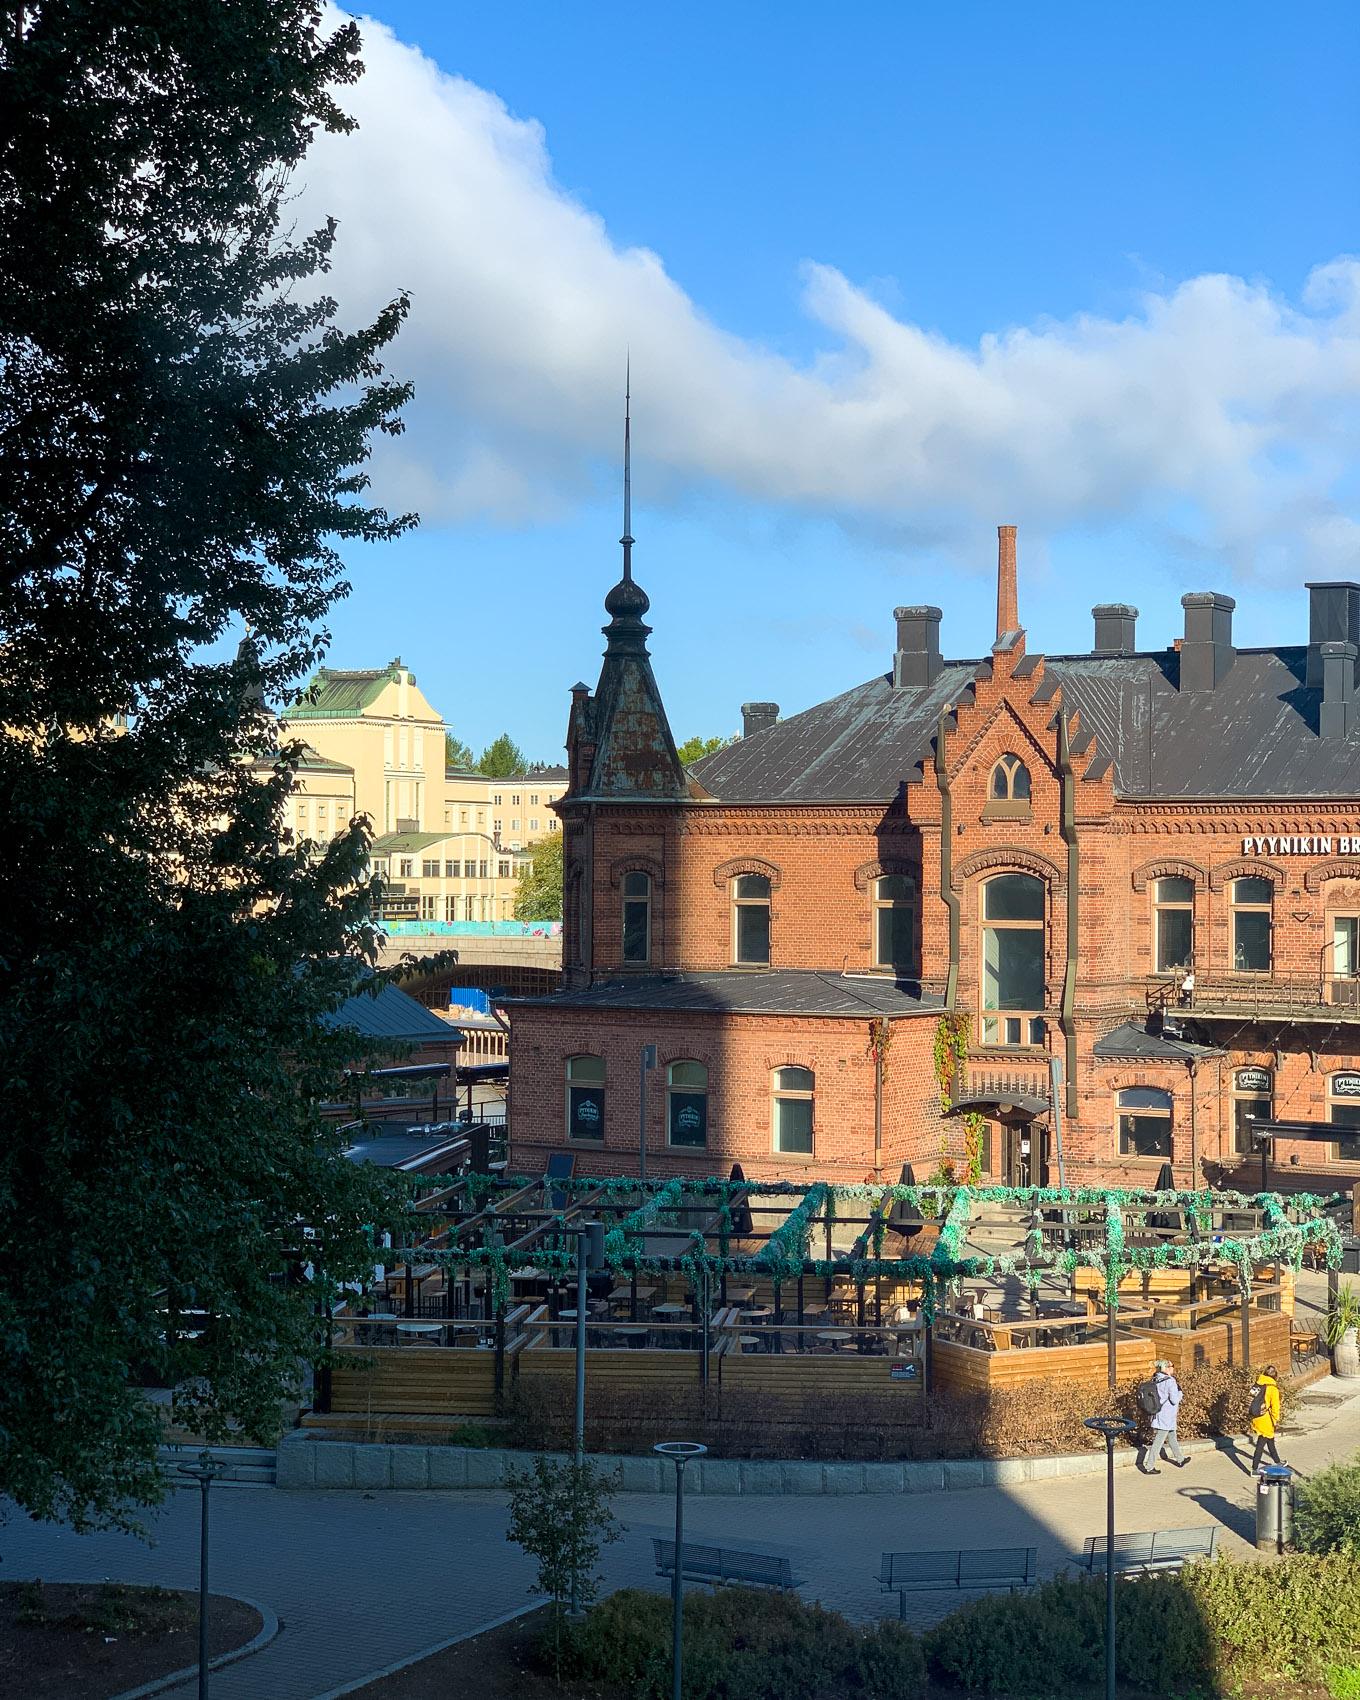 Miniloma Tampereella: Teatteria, ravintoloita ja uusi viinibaari